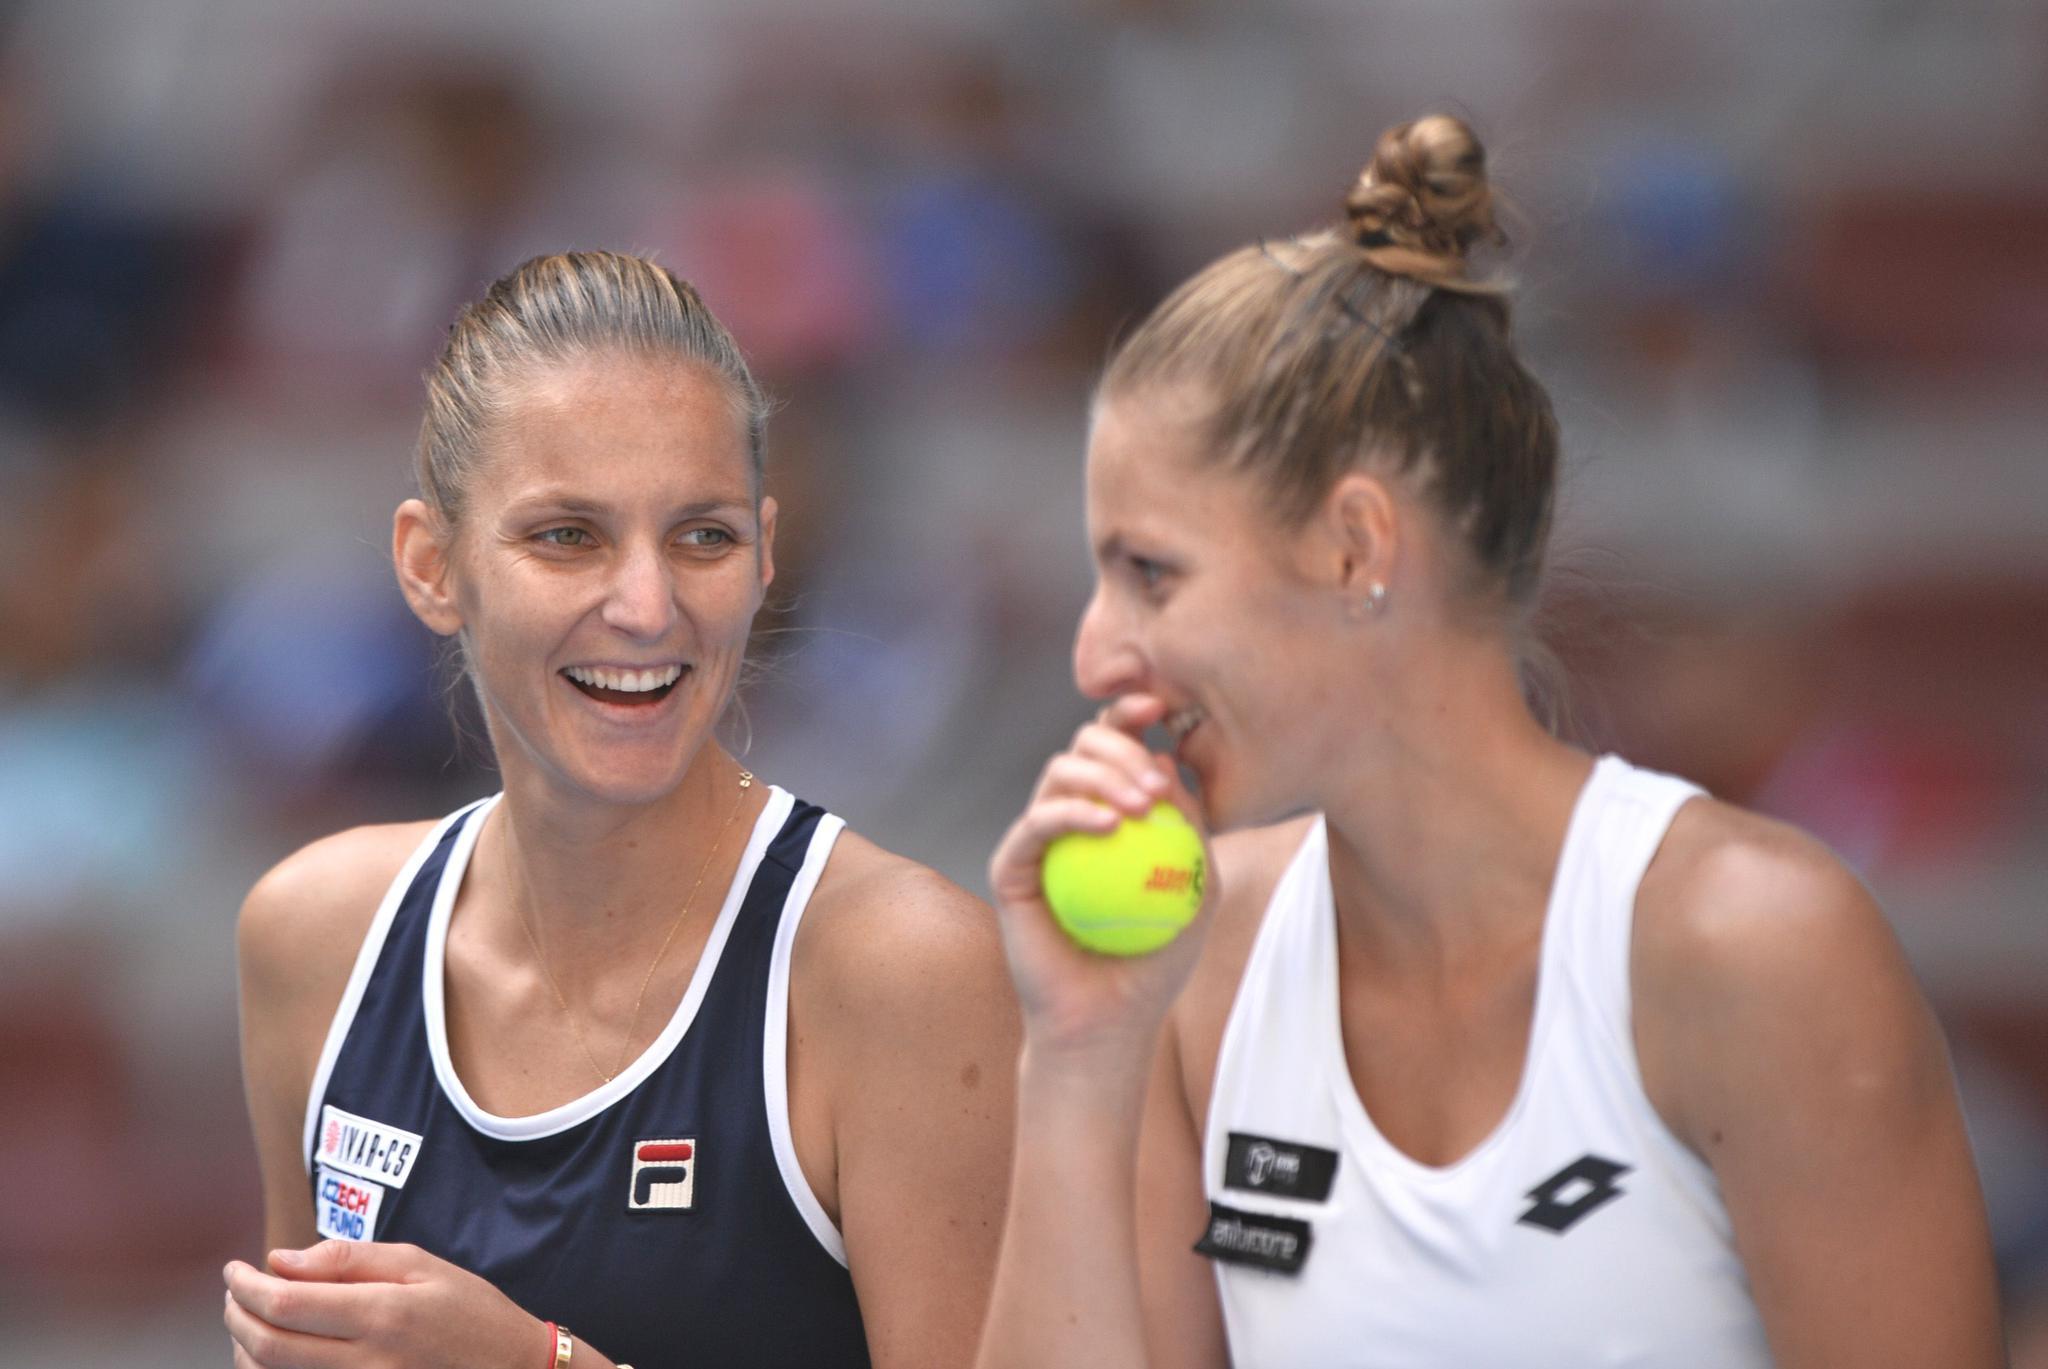 中网——女双半决赛:奥斯塔彭科/亚斯特雷姆斯卡晋级决赛